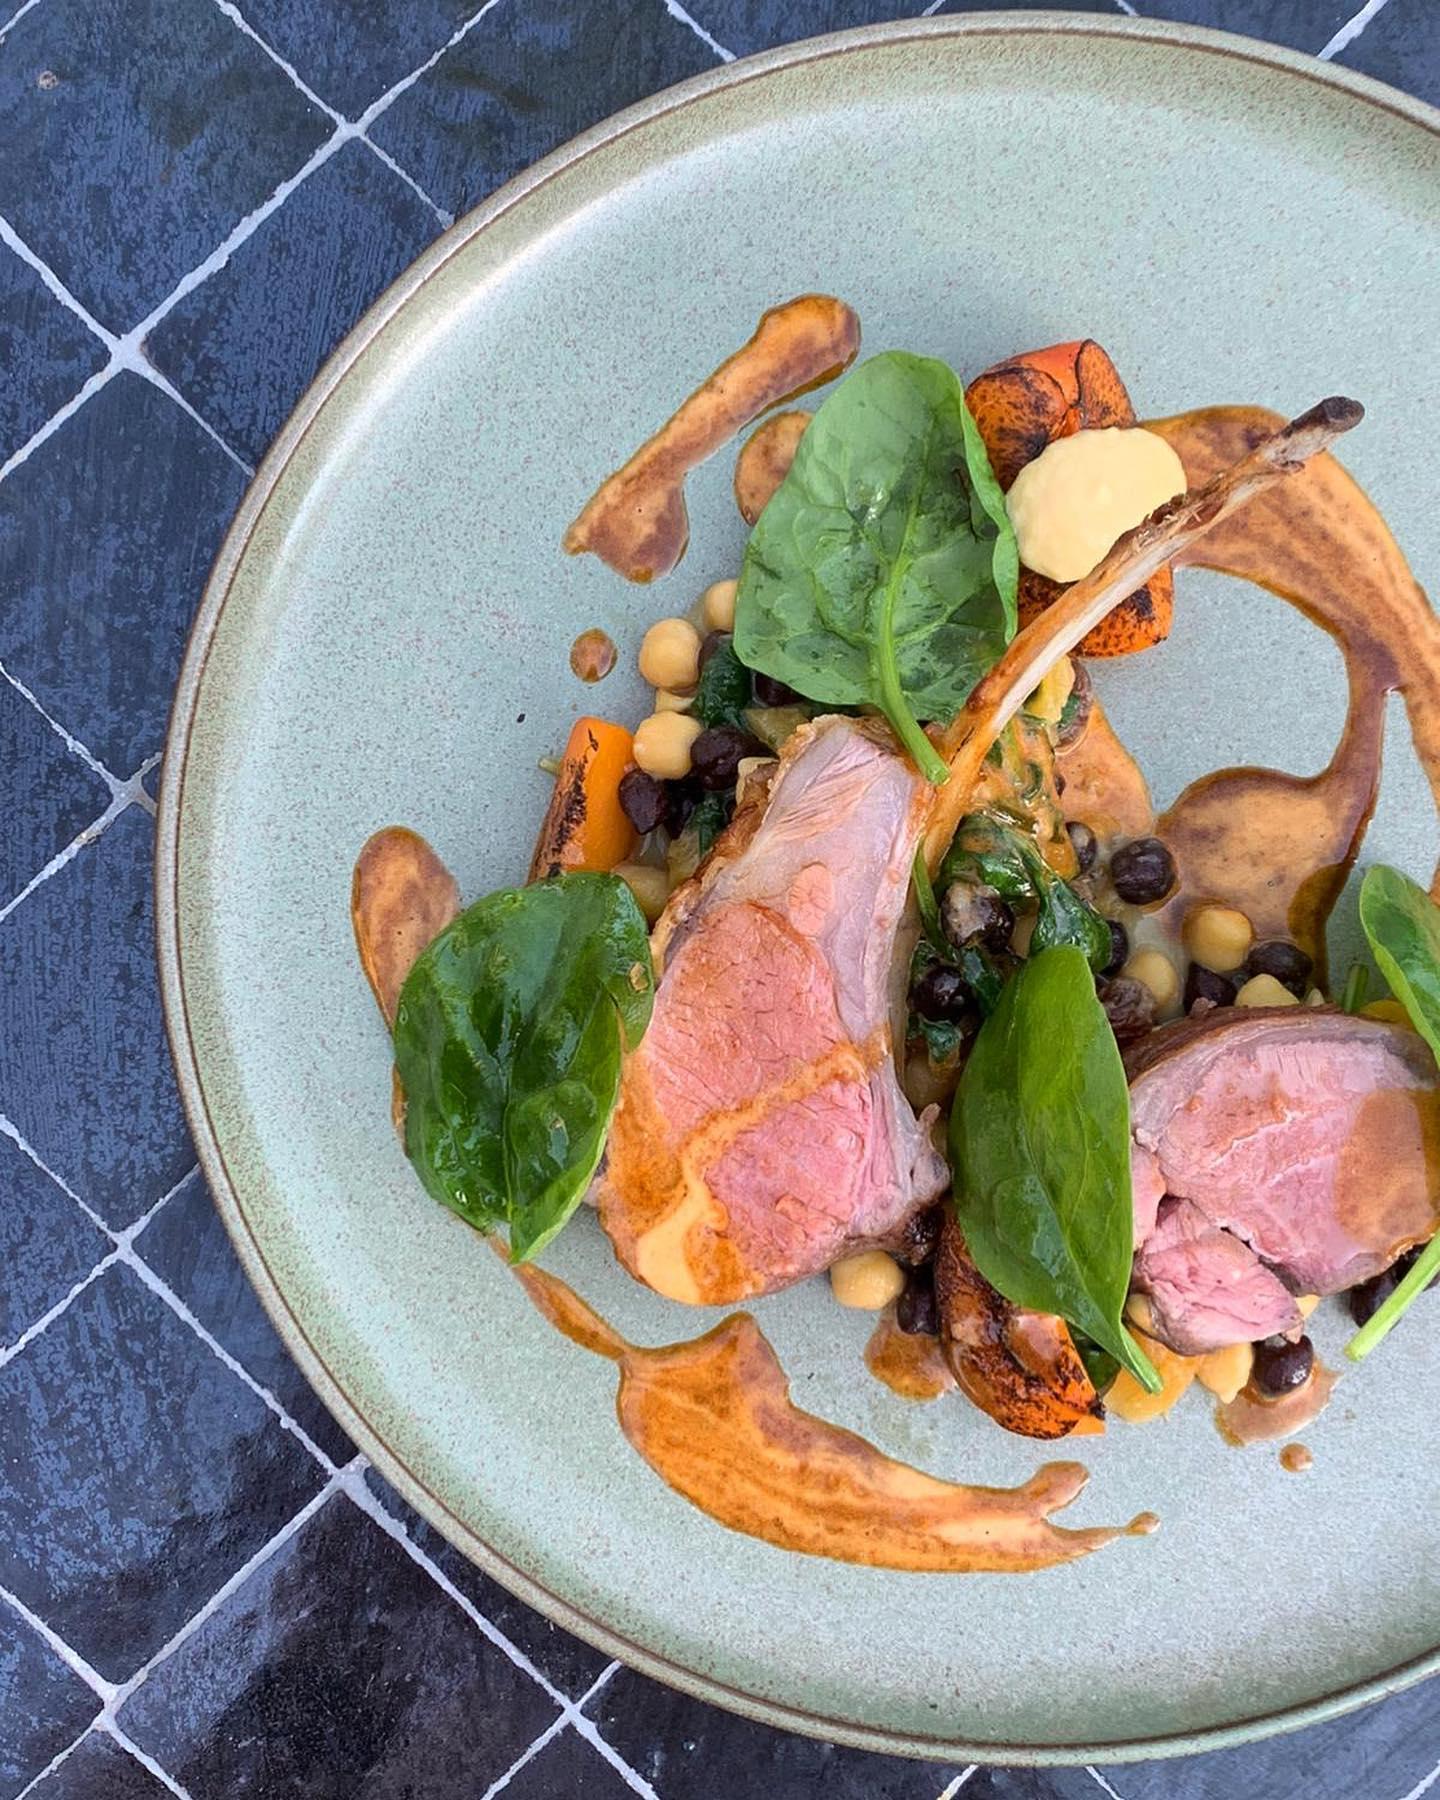 Venez découvrir notre nouvelle carte du restaurant, ouvert depuis hier soir !  Des mets originaux, audacieux et raffinés dans un cadre au charme incomparable  Pour toute réservation, rendez-vous sur notre site internet www.villadjunah.com ou appelez nous directement au 09.70.68.31.50  #villadjunah #djunahliving #antibes #antibesjuanlespins #cotedazur #frenchriviera #southoffrance #provencal #mediterranean #boho #placetobe #instafood #foodie #paca #enjoy #finedining